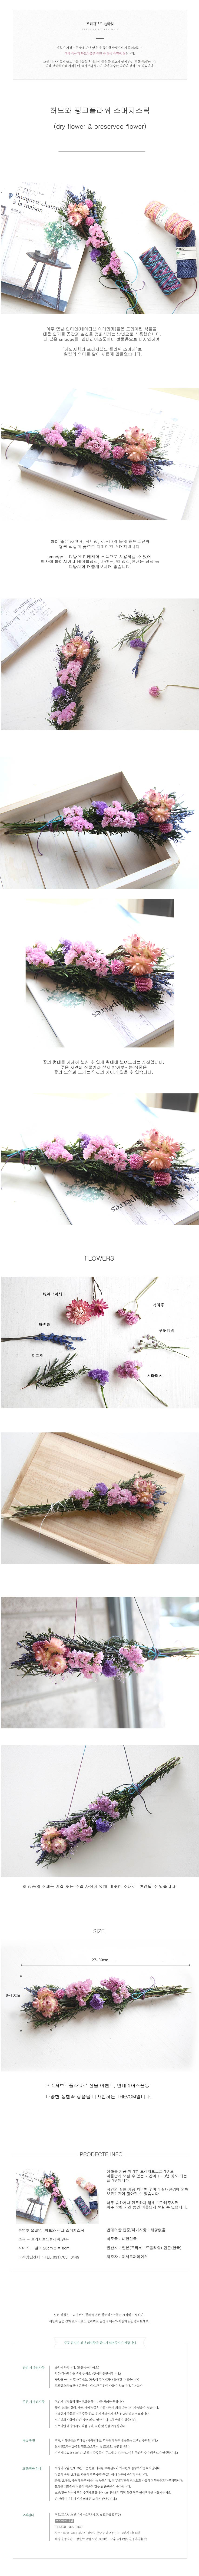 허브와 핑크플라워 스머지스틱 - 더봄, 16,200원, 조화, 프리저브드